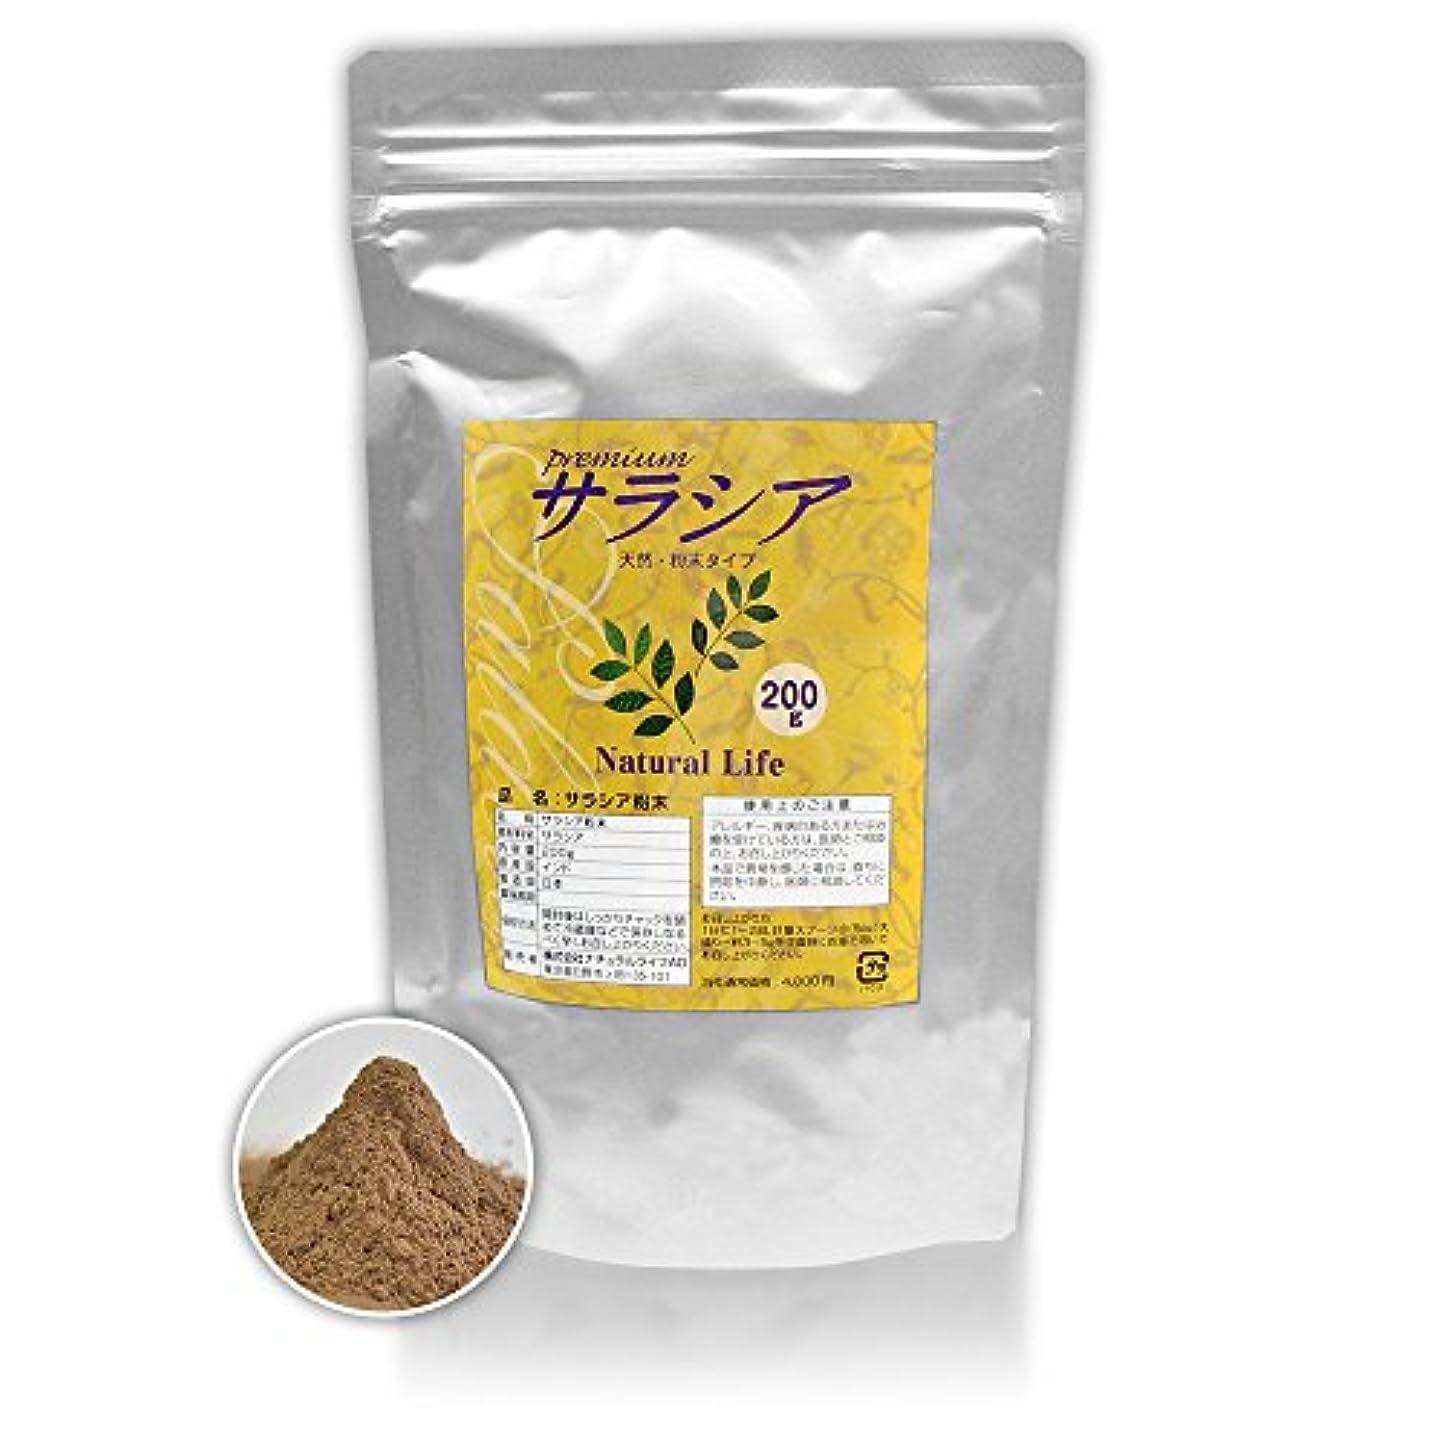 検査官小売黒くするサラシア粉末[200g]天然ピュア原料(無添加)健康食品(さらしあ,レティキュラータ)